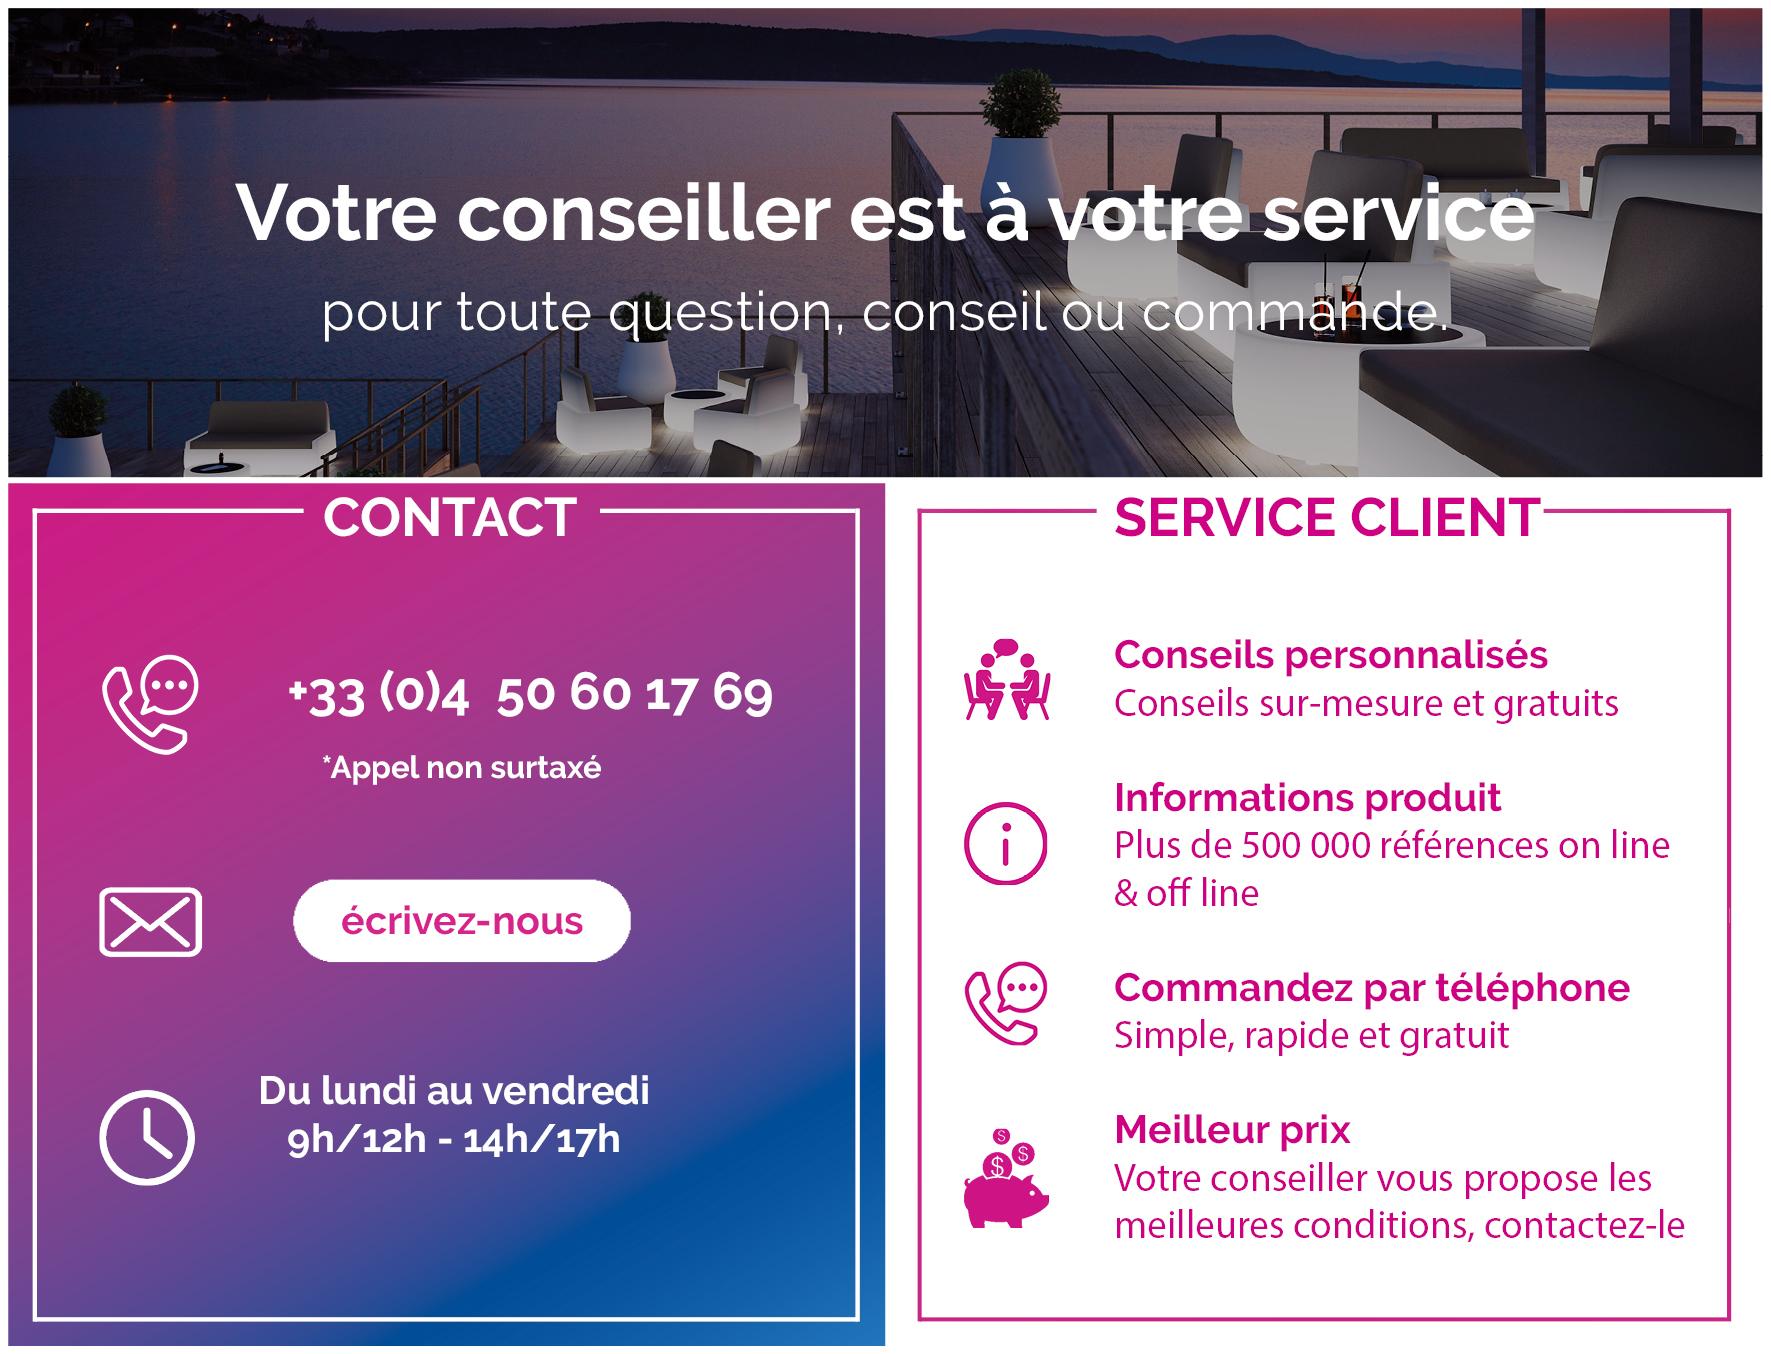 Service_client_cerise_sur_la_deco